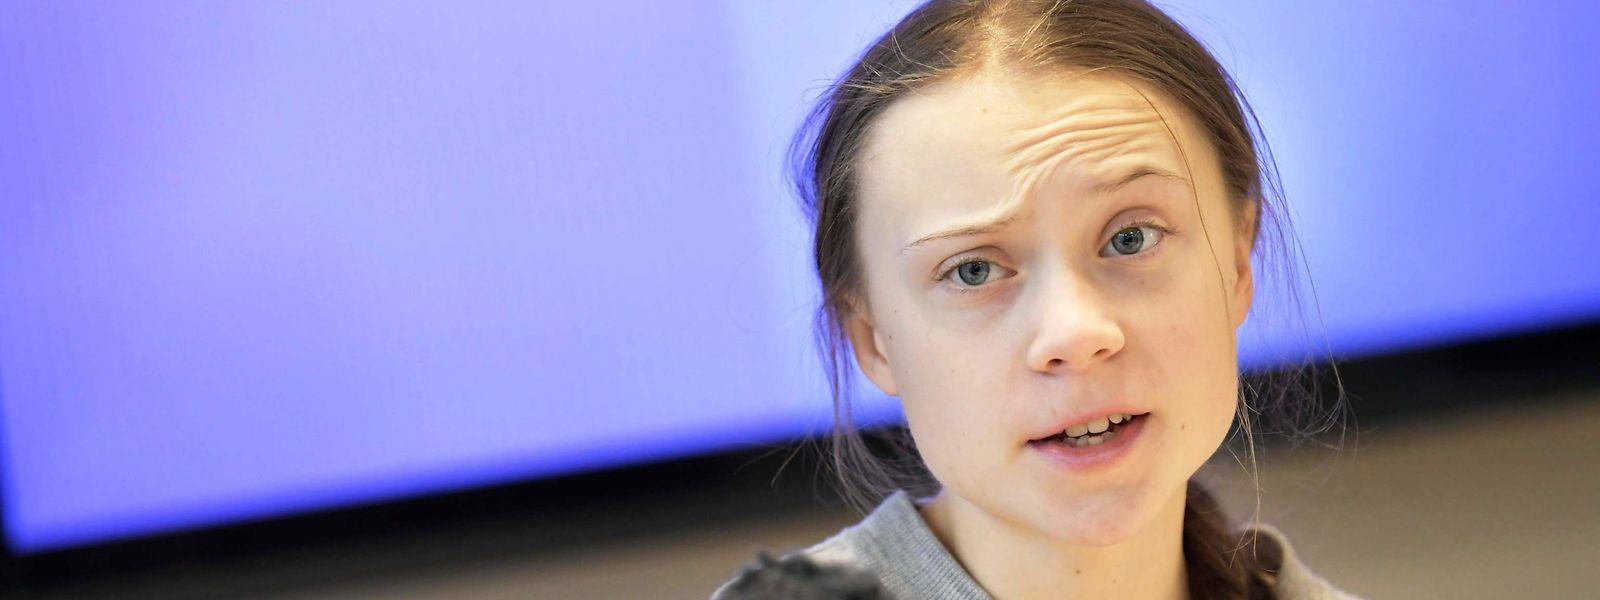 Greta Thunberg ist das Vorbild einer ganzen Generation junger Klimaschützer.